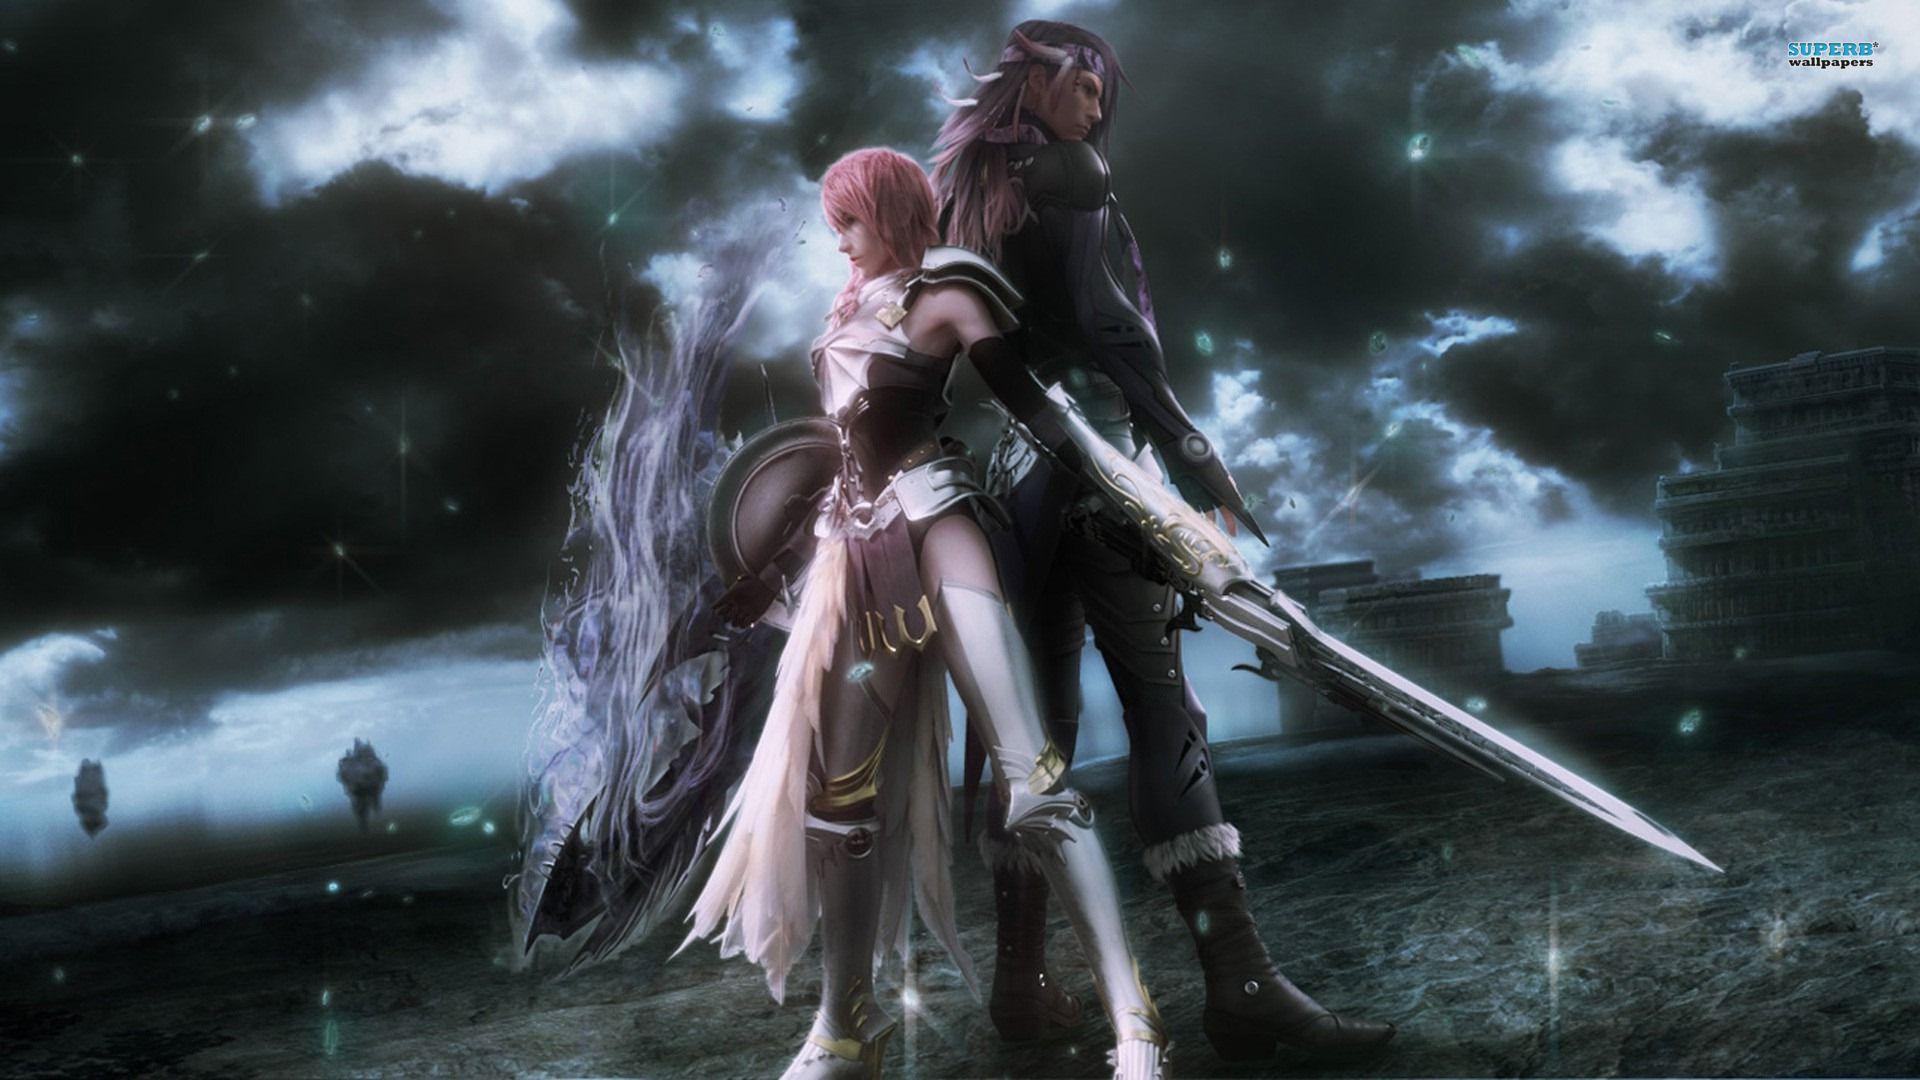 Free Cute Final Fantasy Xiii 2 Wallpaper